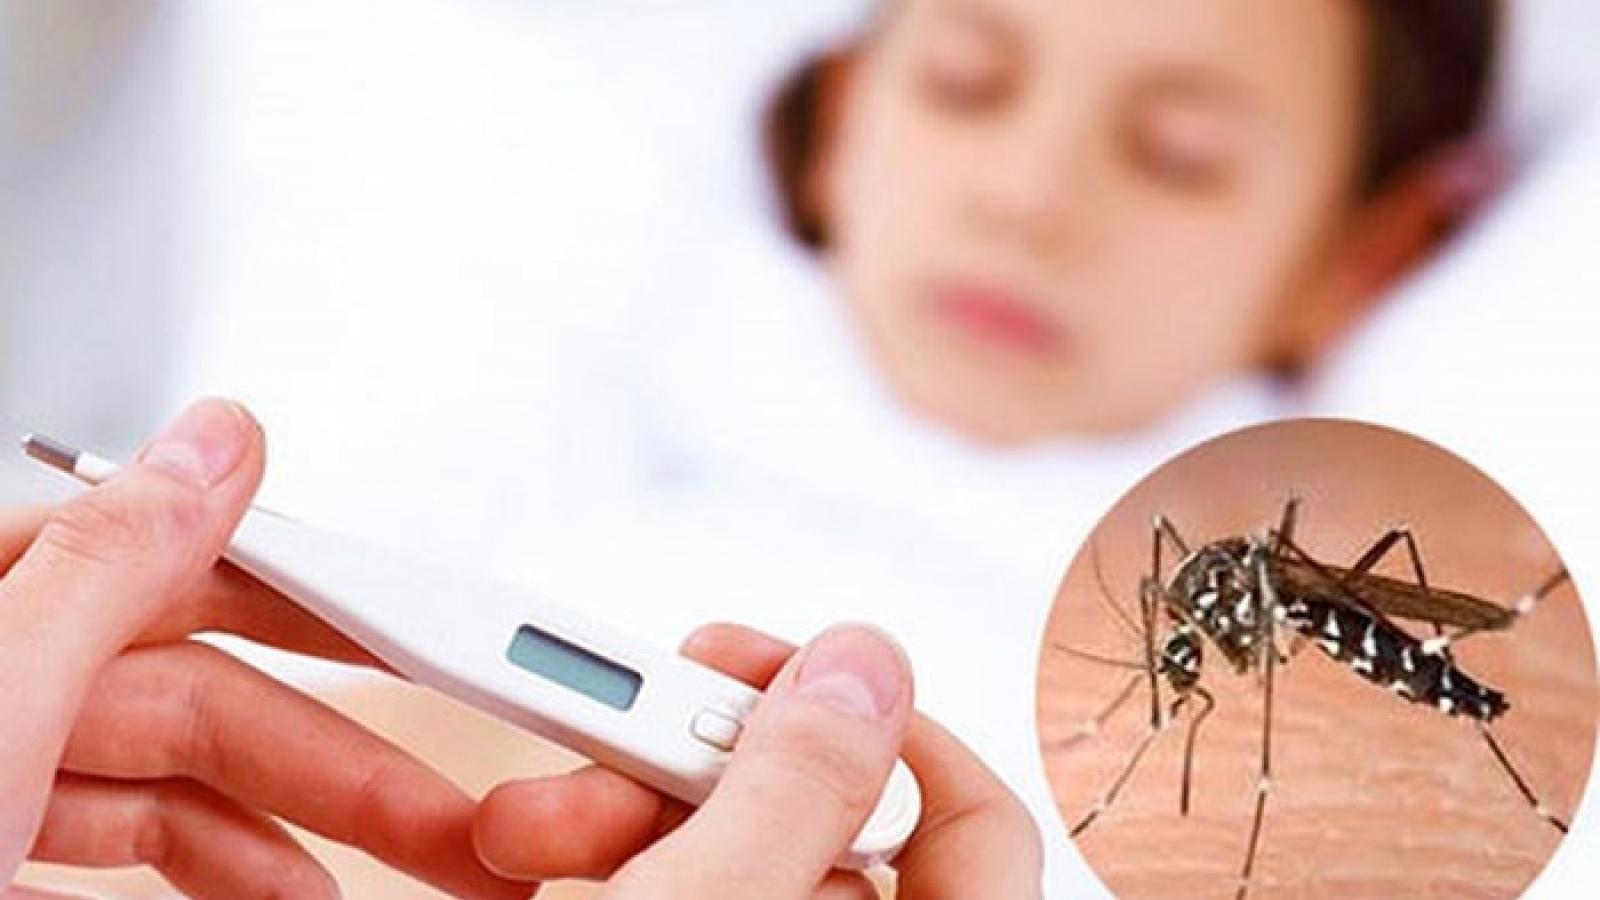 Lào tập trung nguồn lực ngăn chặn bệnh sốt xuất huyết